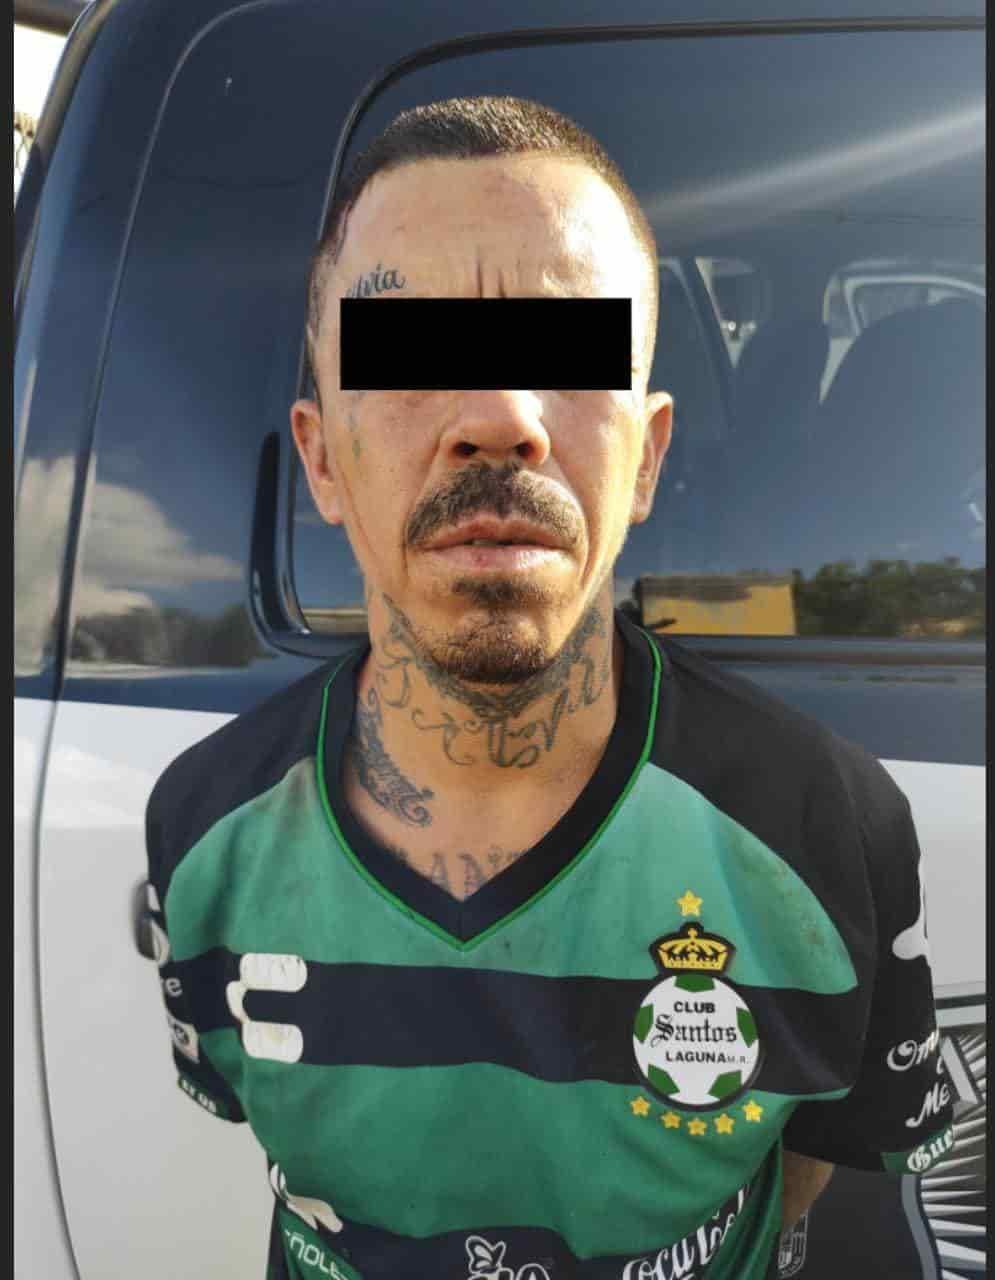 El presunto líder de una banda de asaltantes fue detenido